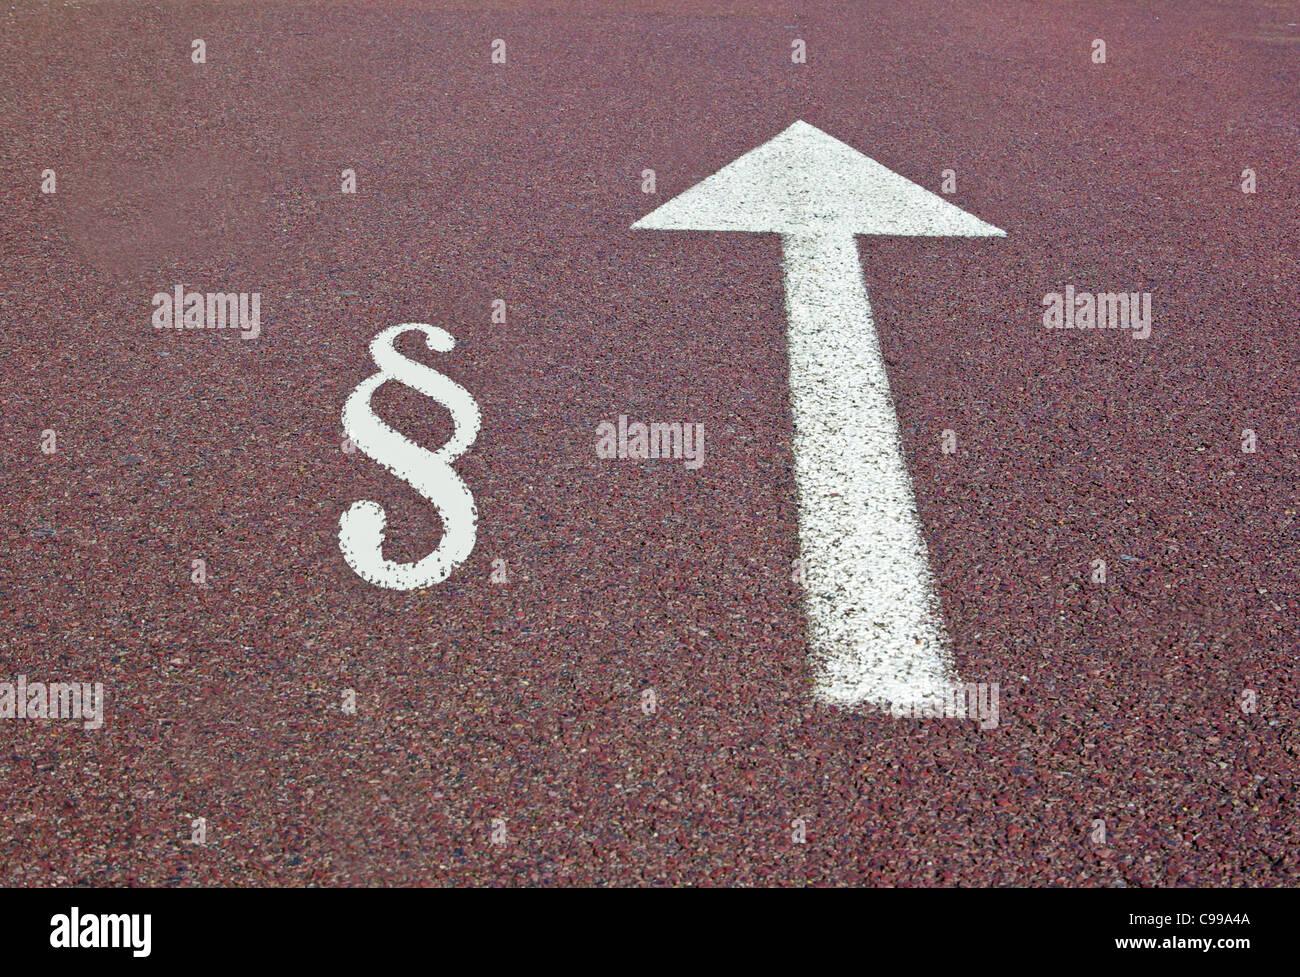 Una flecha en el asfalto mostrando la dirección con la ley firmar cerca Foto de stock